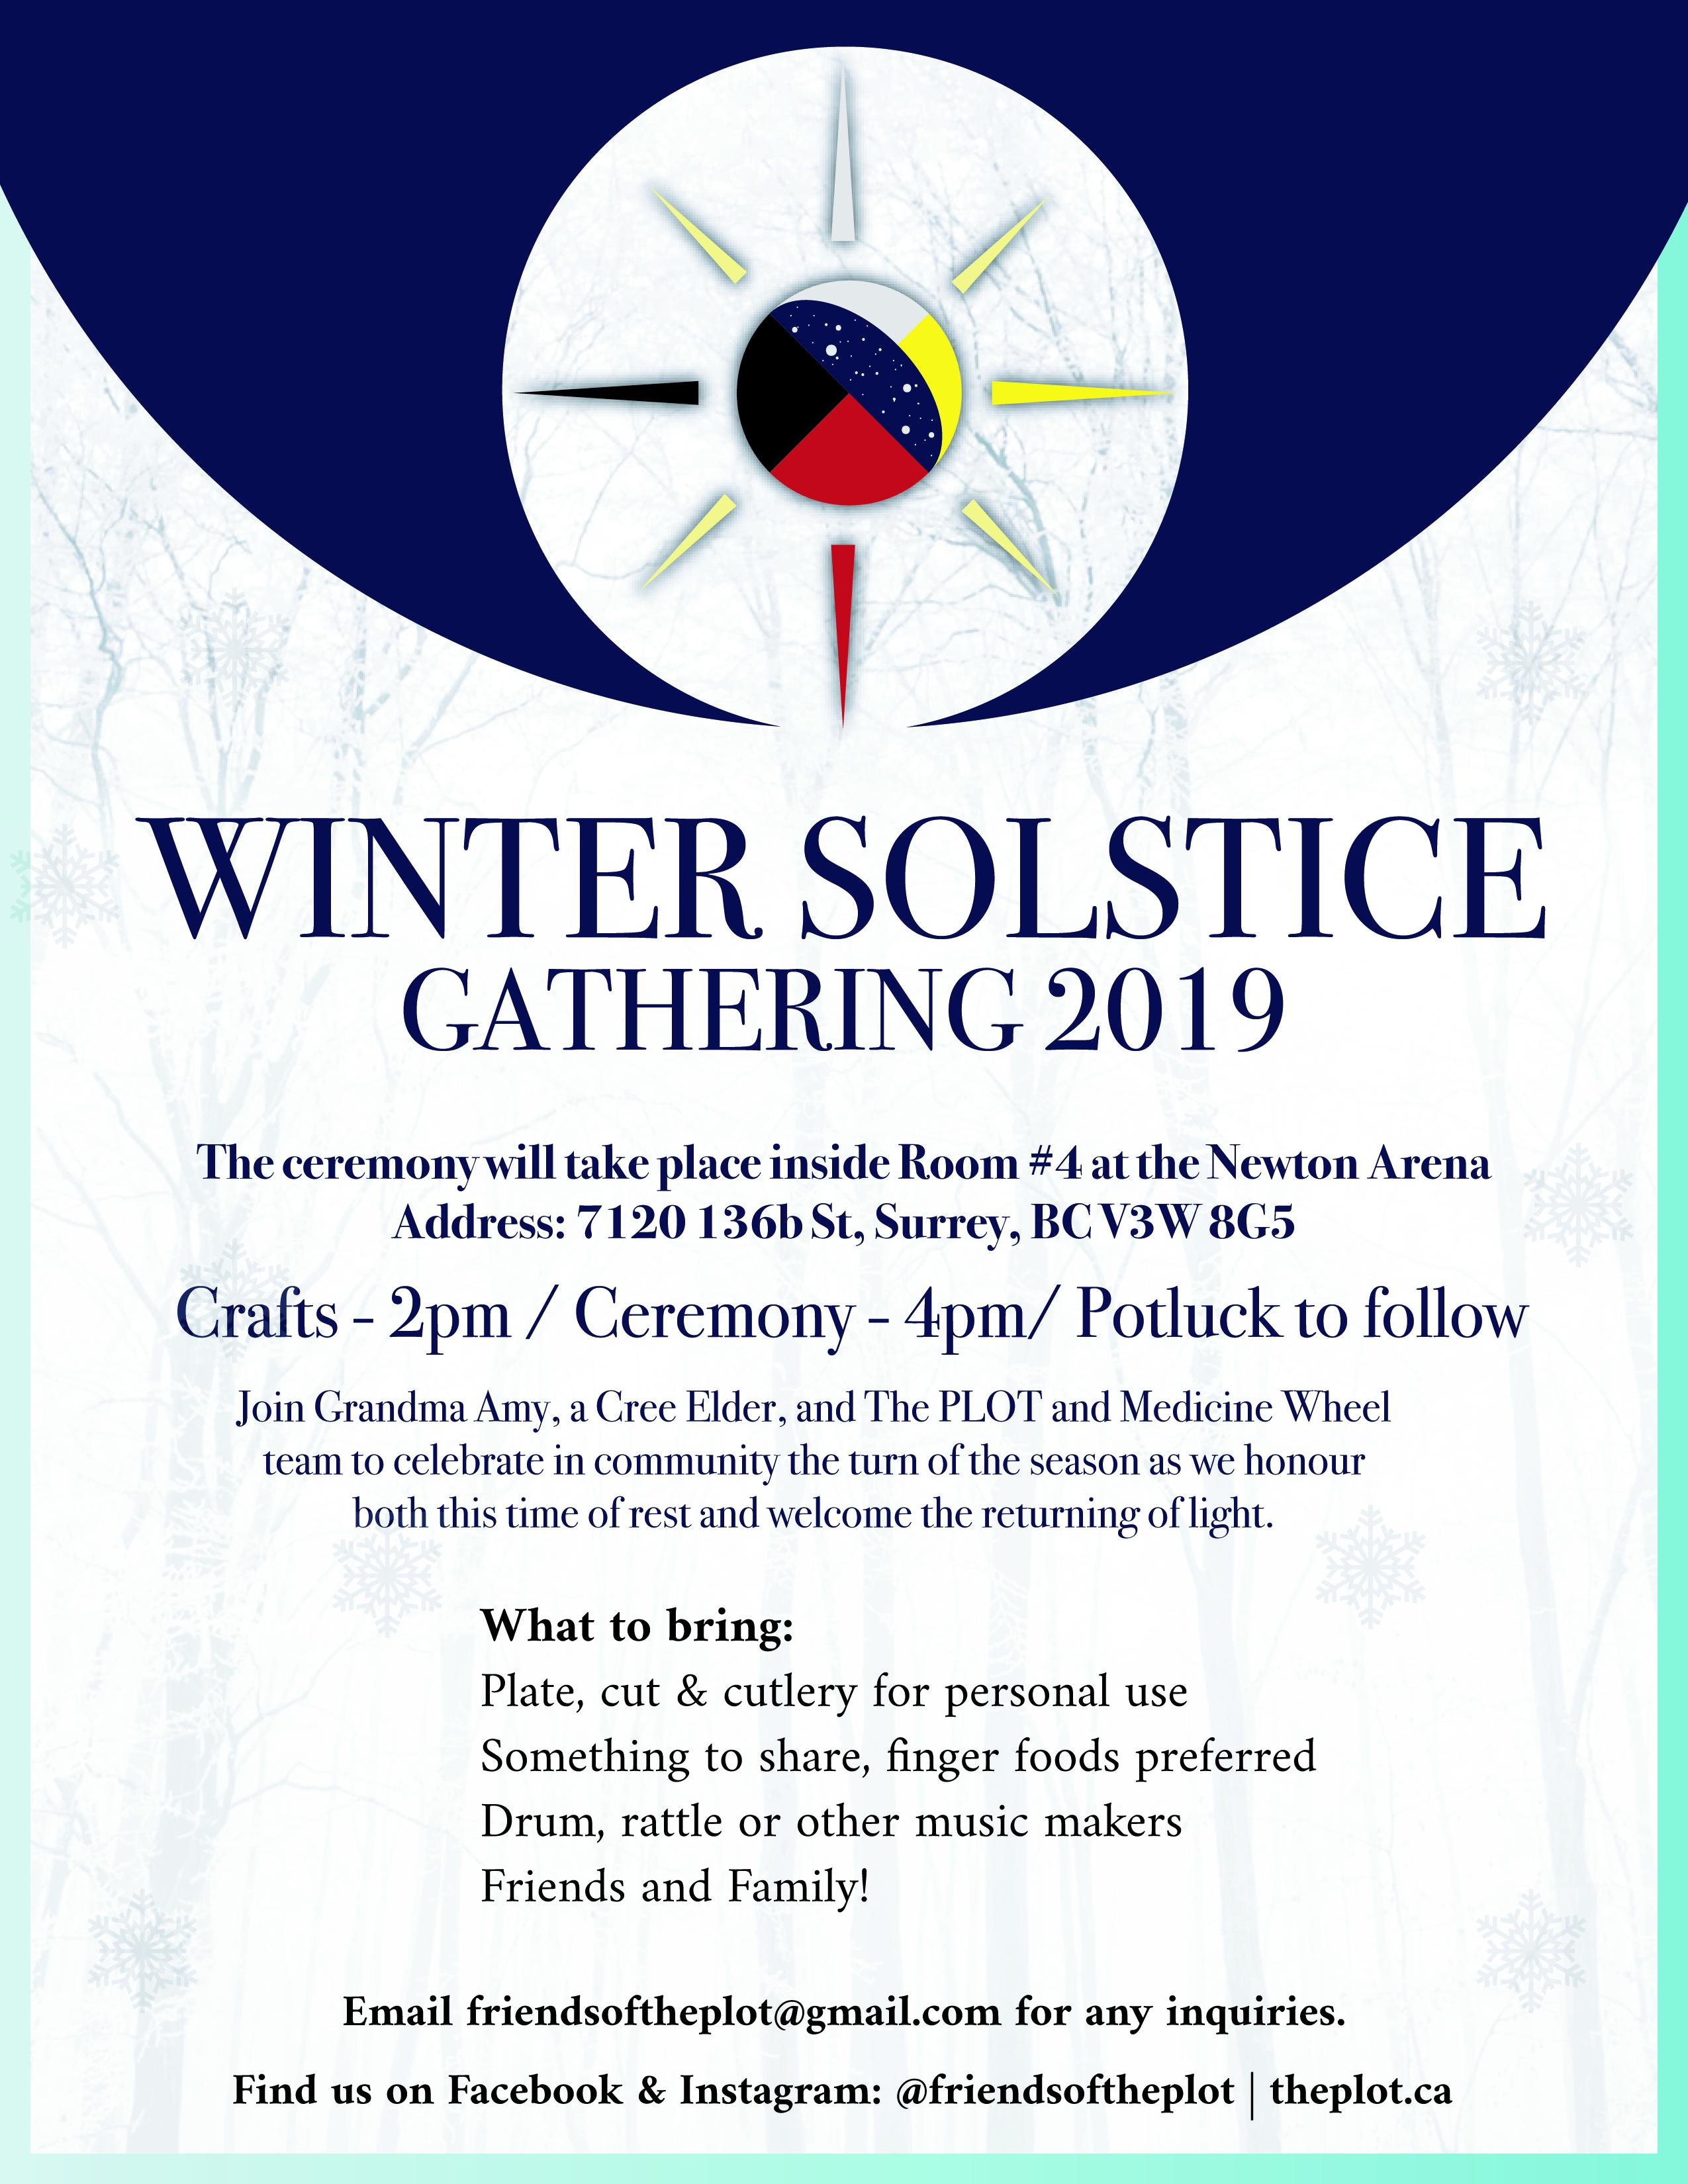 wintersolstice-2019-03